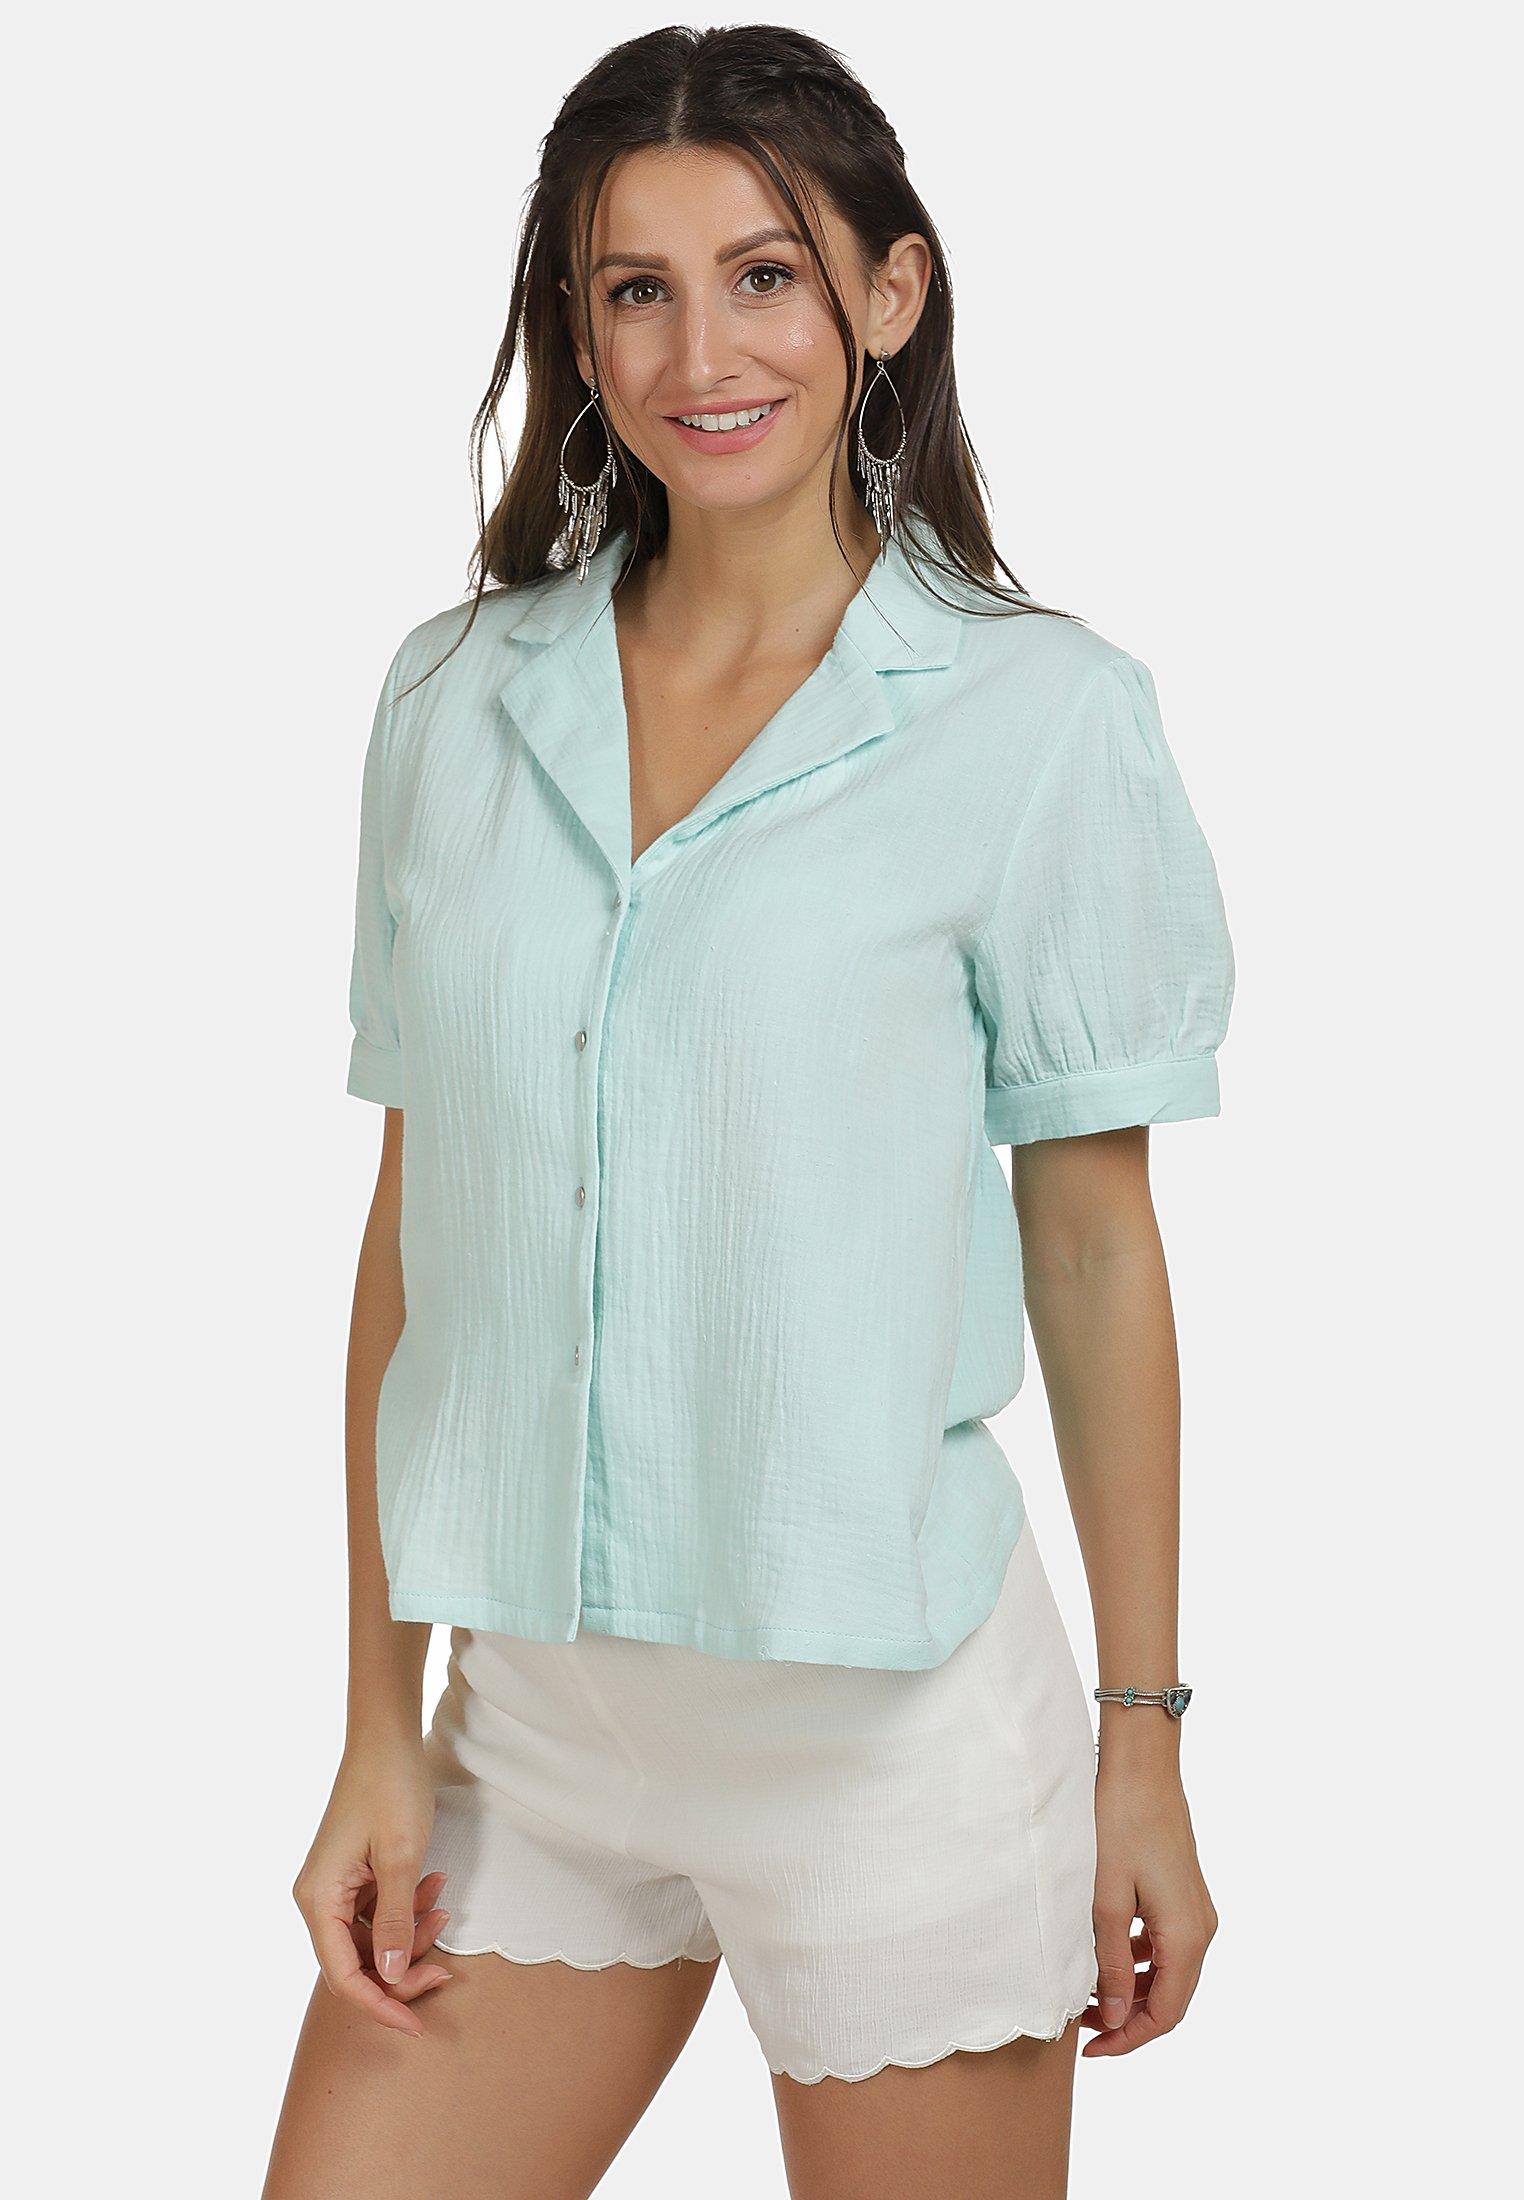 Donna IZIA BLUSE - Camicia